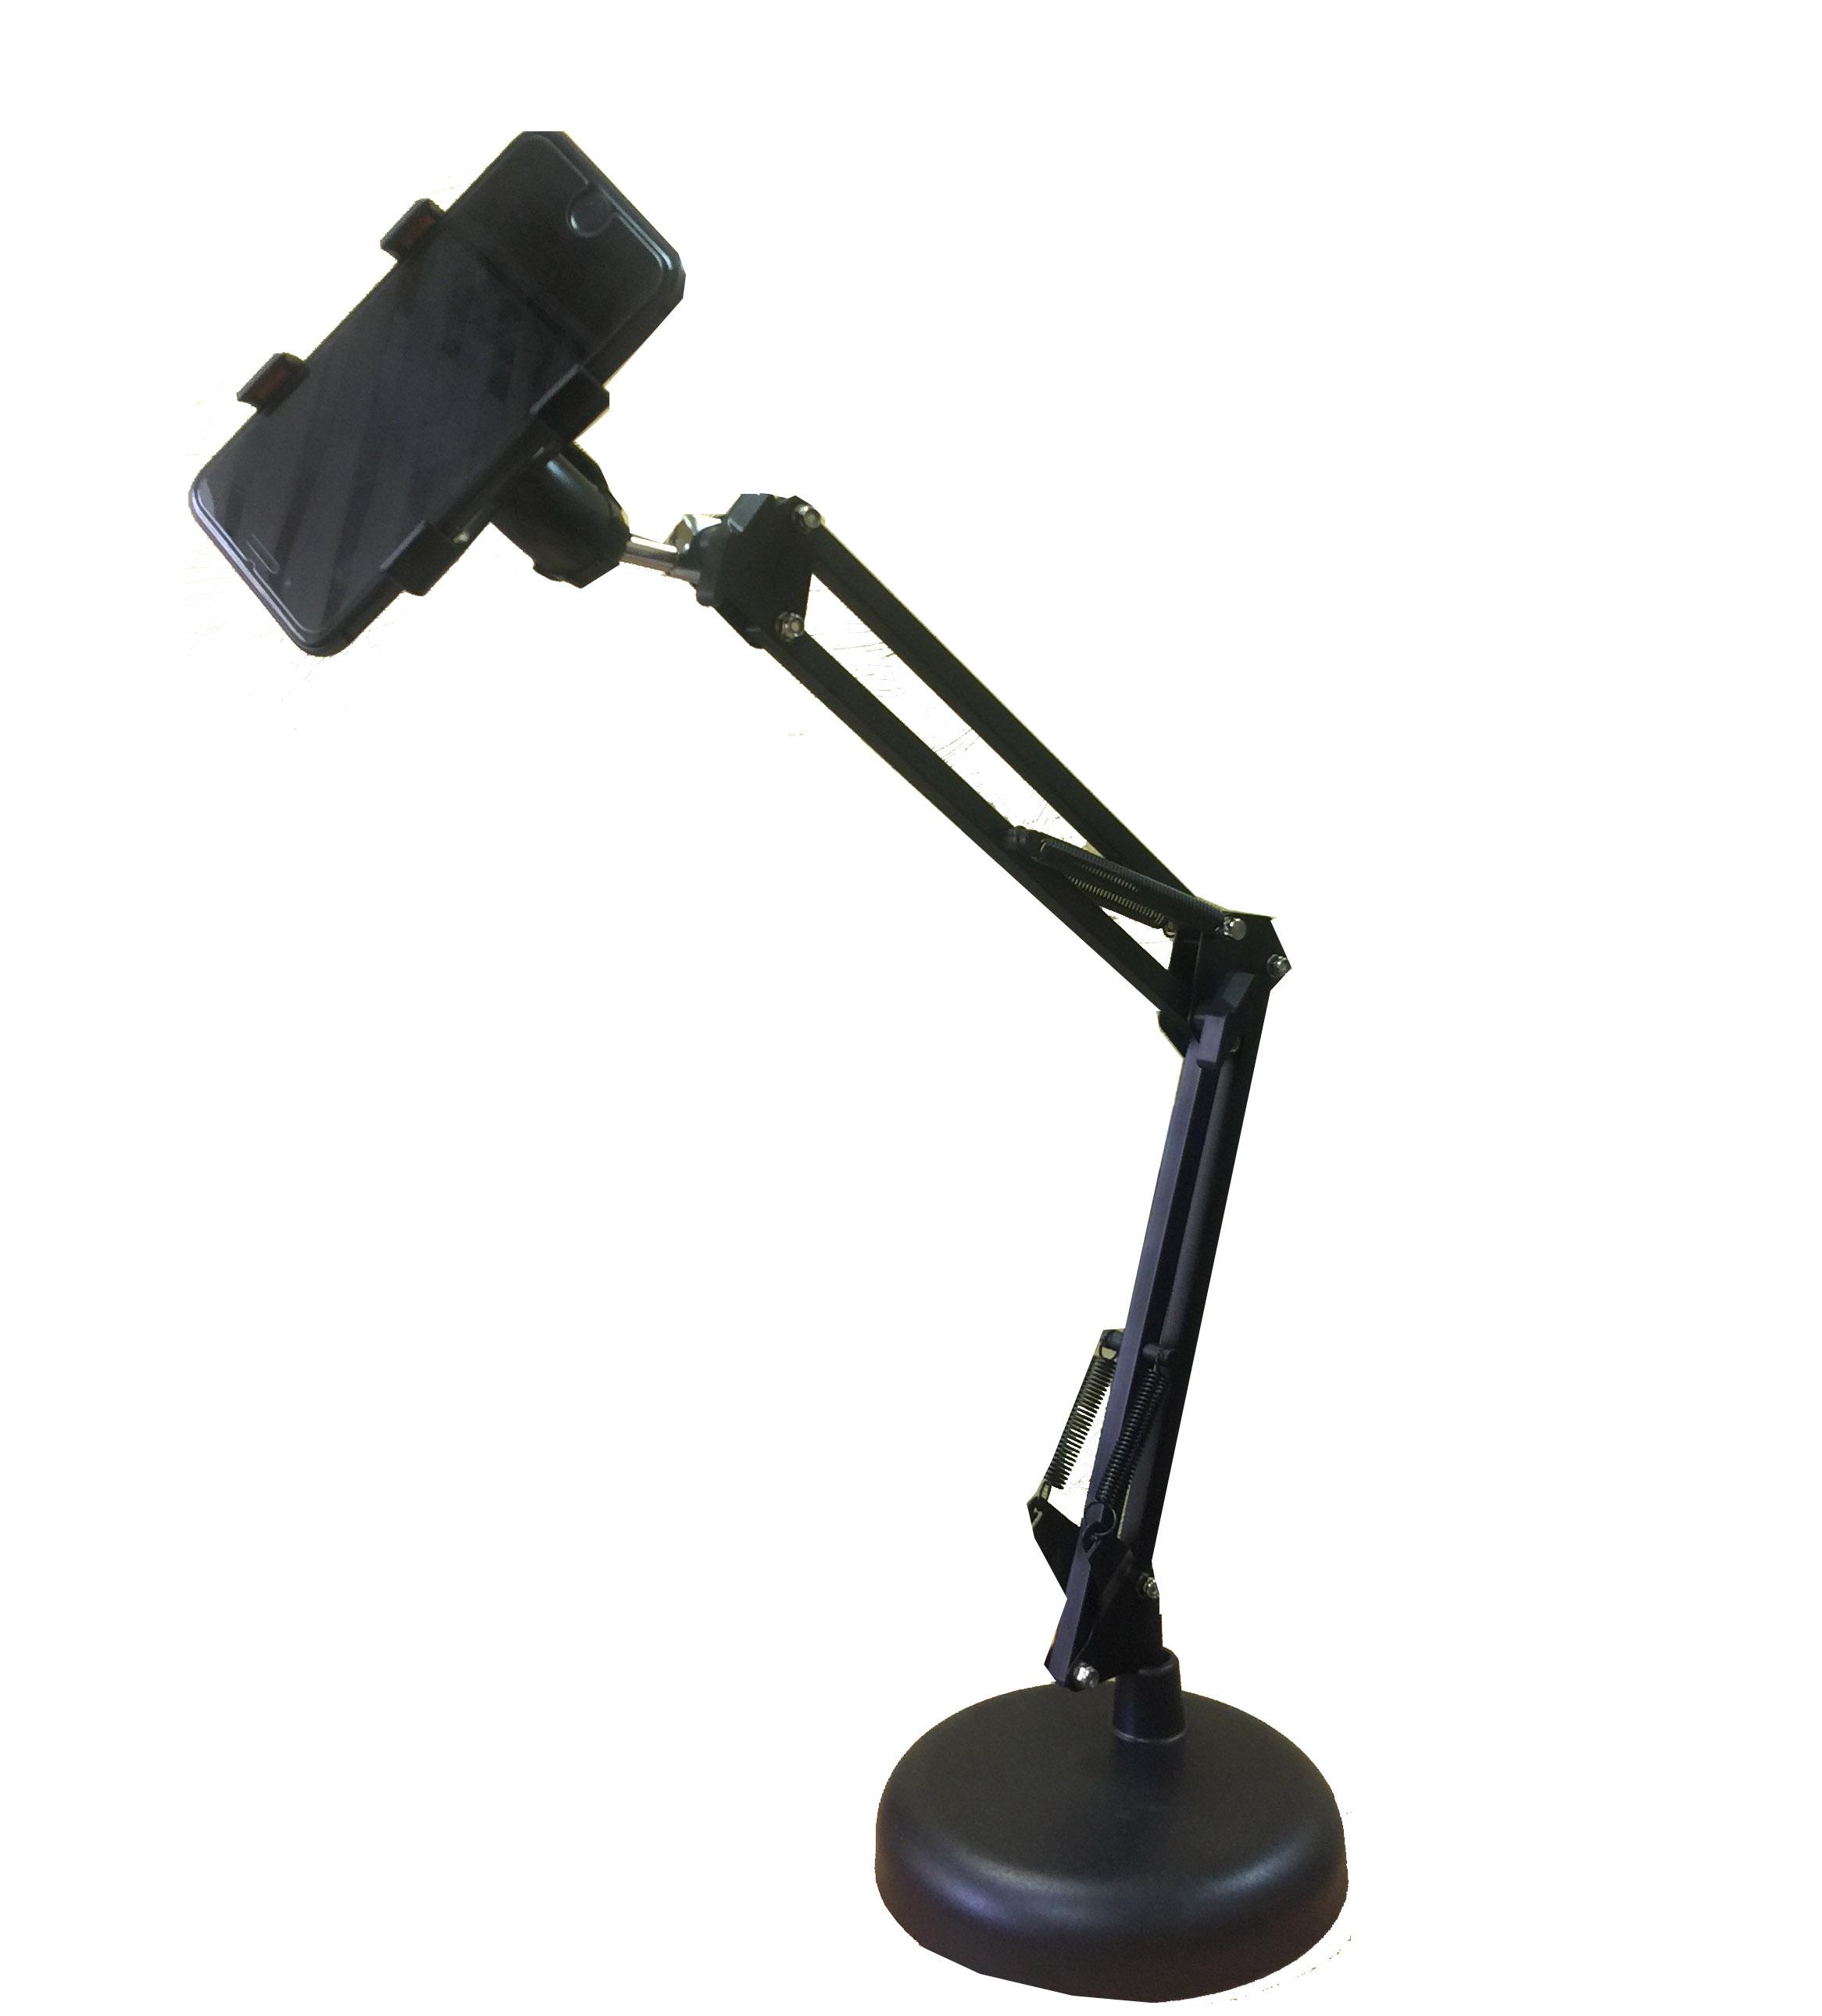 Аксессуар для микрофона DEKKO NB-18, черный